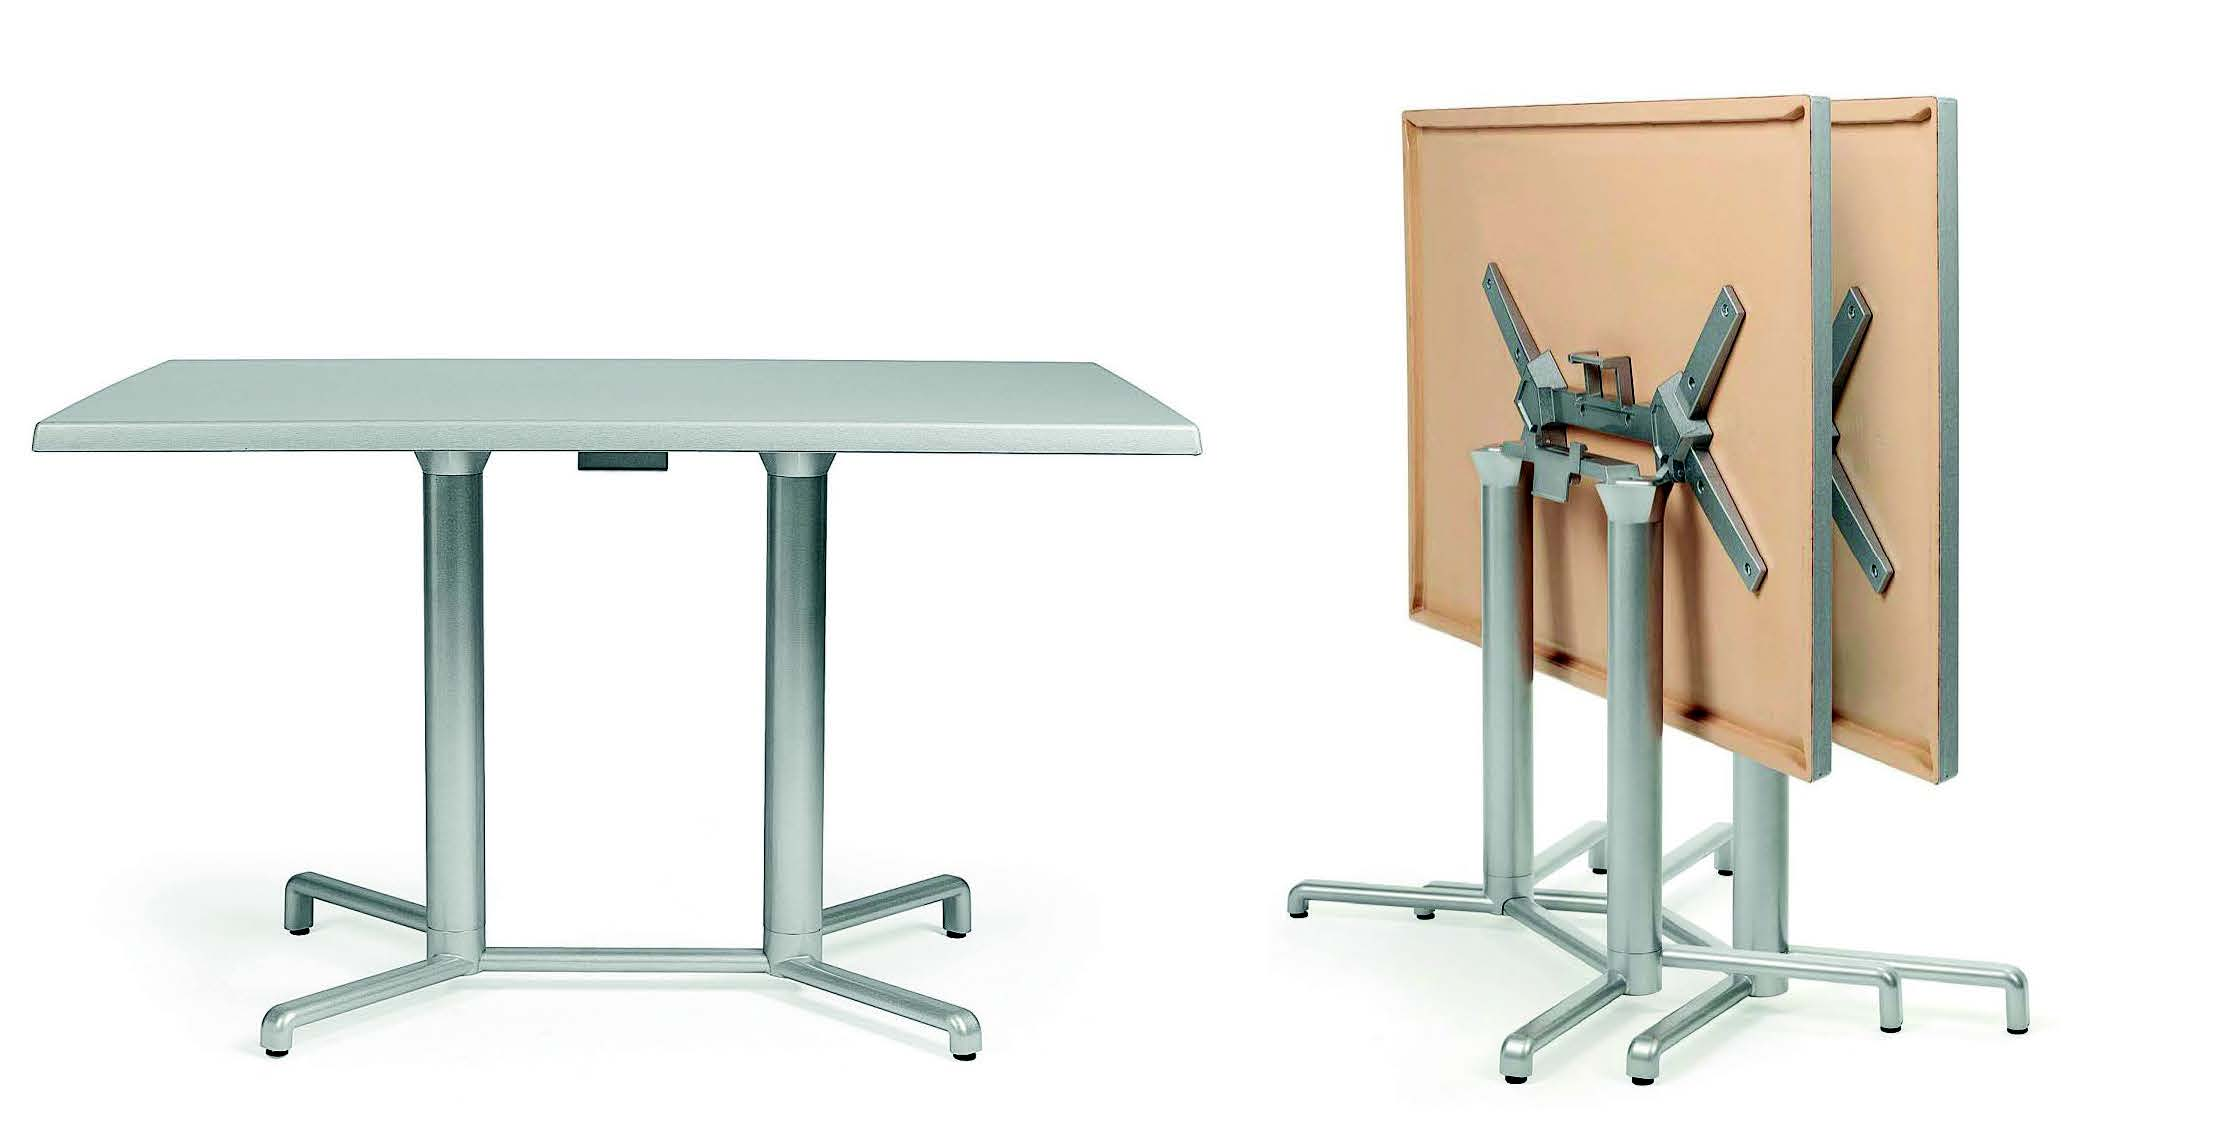 Tavolo pieghevole scudo double galimberti sedie e tavoli for Tavolo plastica pieghevole